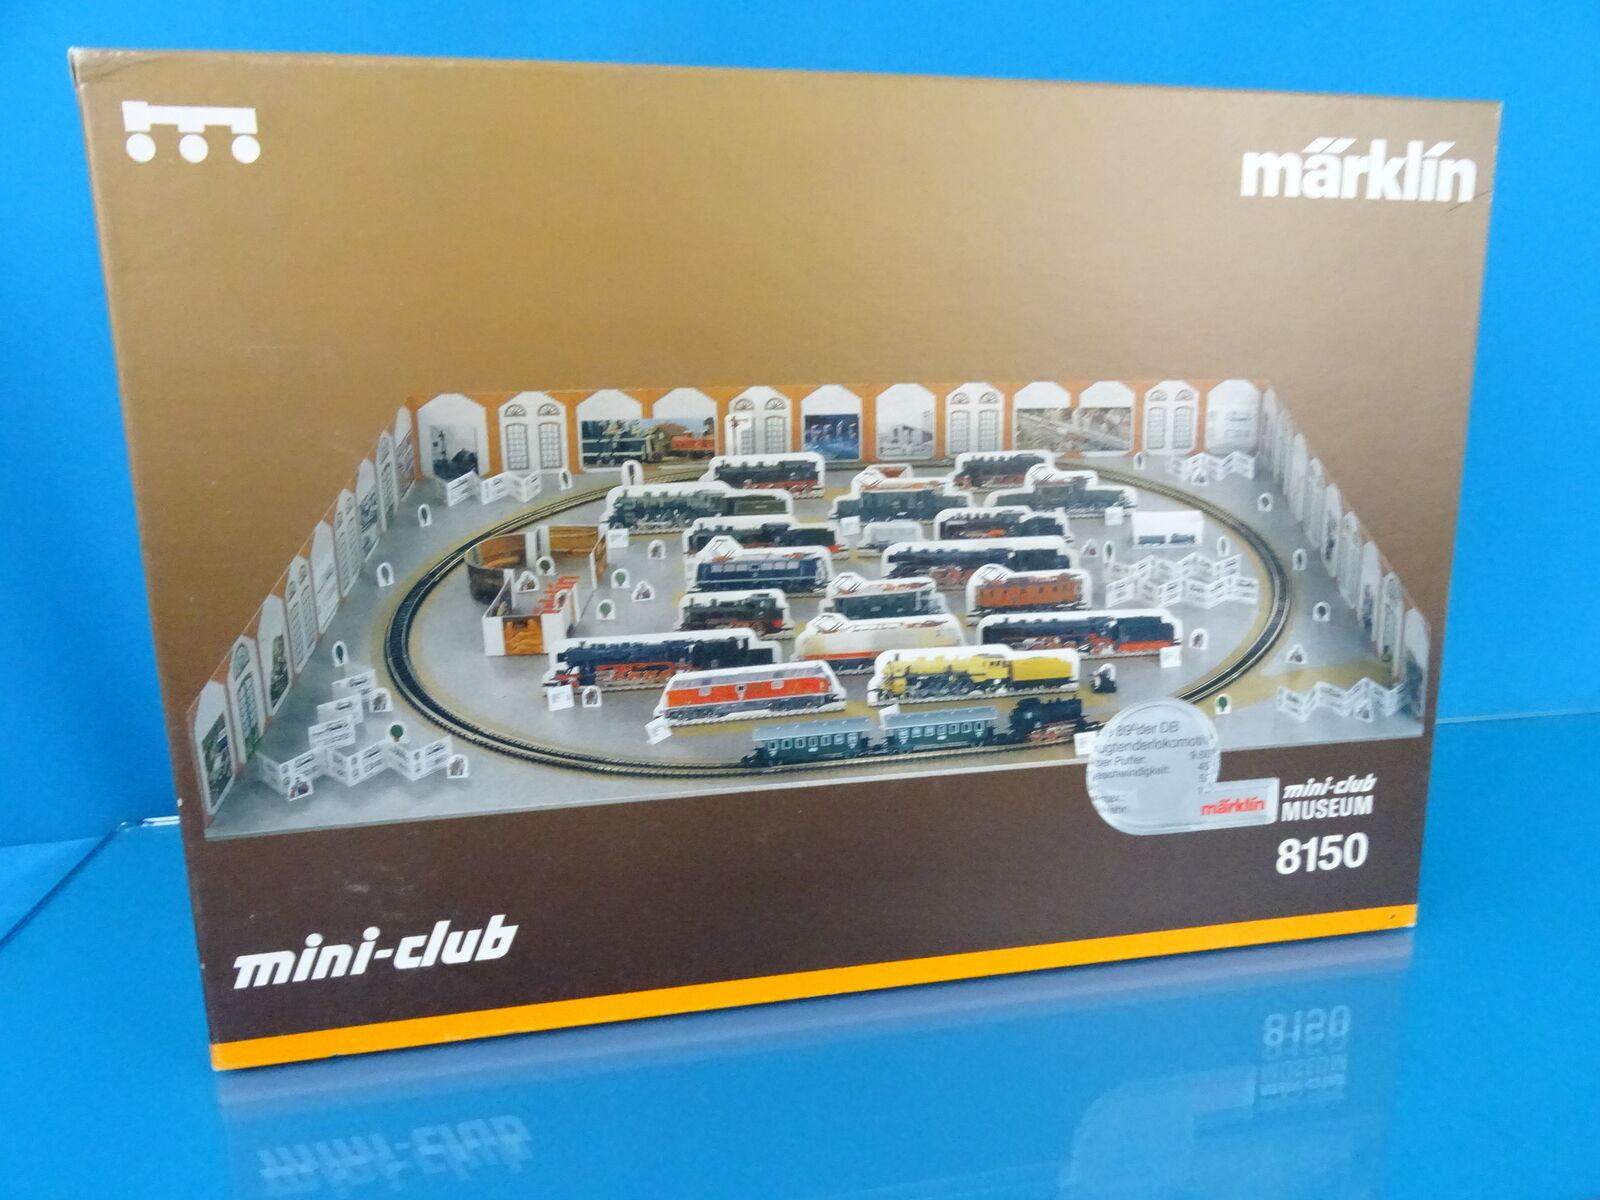 Marklin 8150 Starter Set  Mini Club MUSEUM  Z Mini club